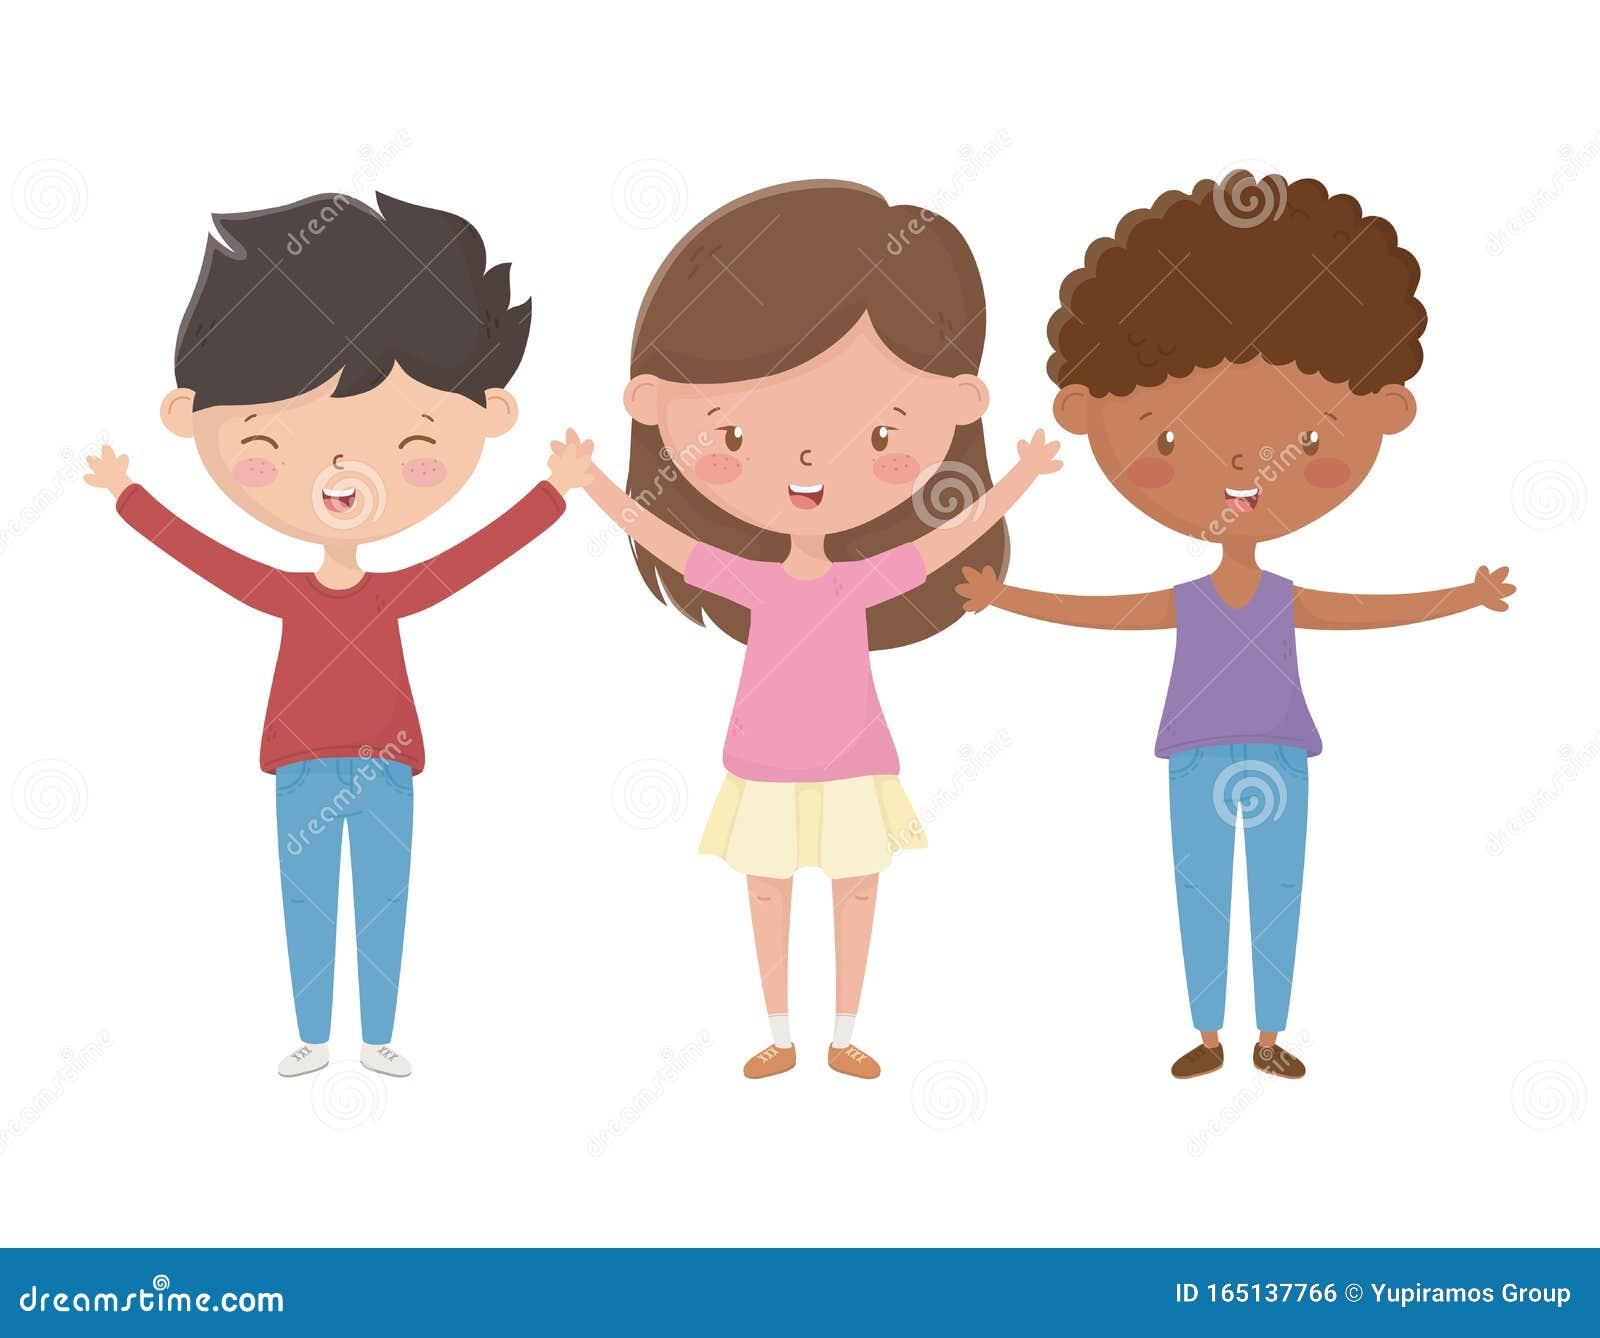 Dibujo De Dibujos Animados Para Niños Y Niñas Ilustración Del Vector Ilustración De Joven Lifestyle 165137766